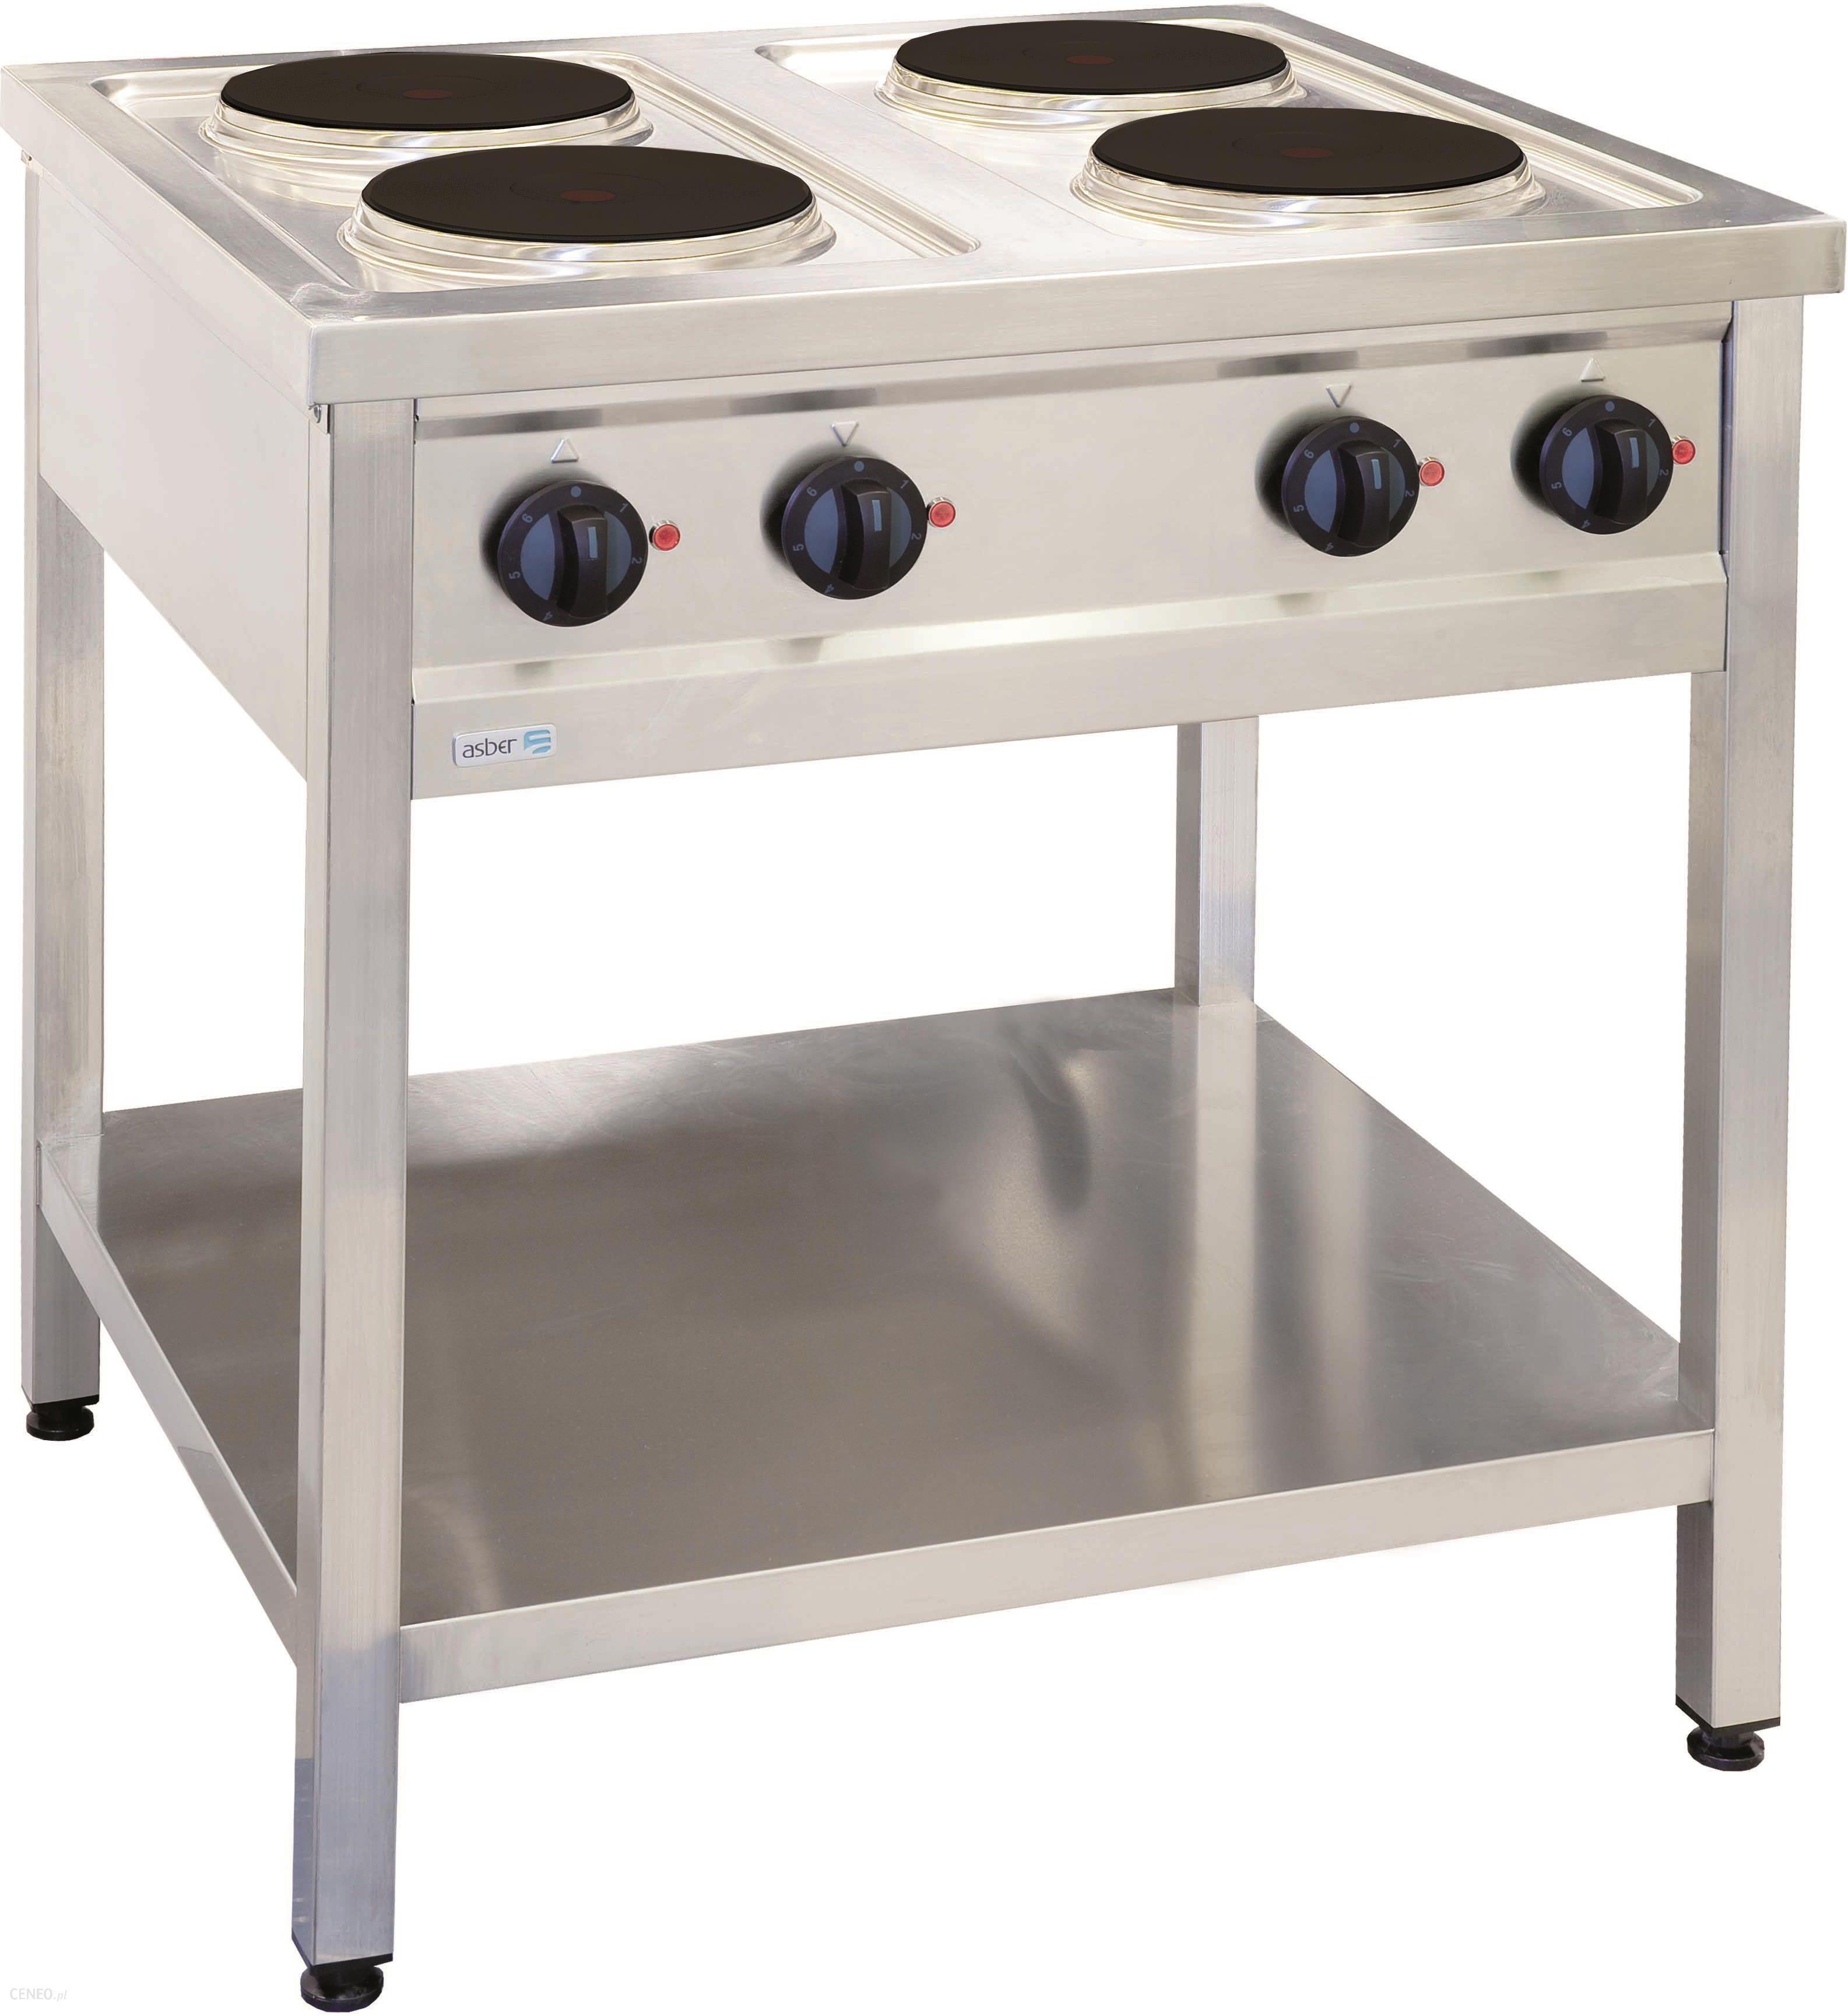 Kuchnia Elektryczna 4 Płytowa Wolnostojąca 104 Kw 800x700x850 Mm Asber Eco Cook